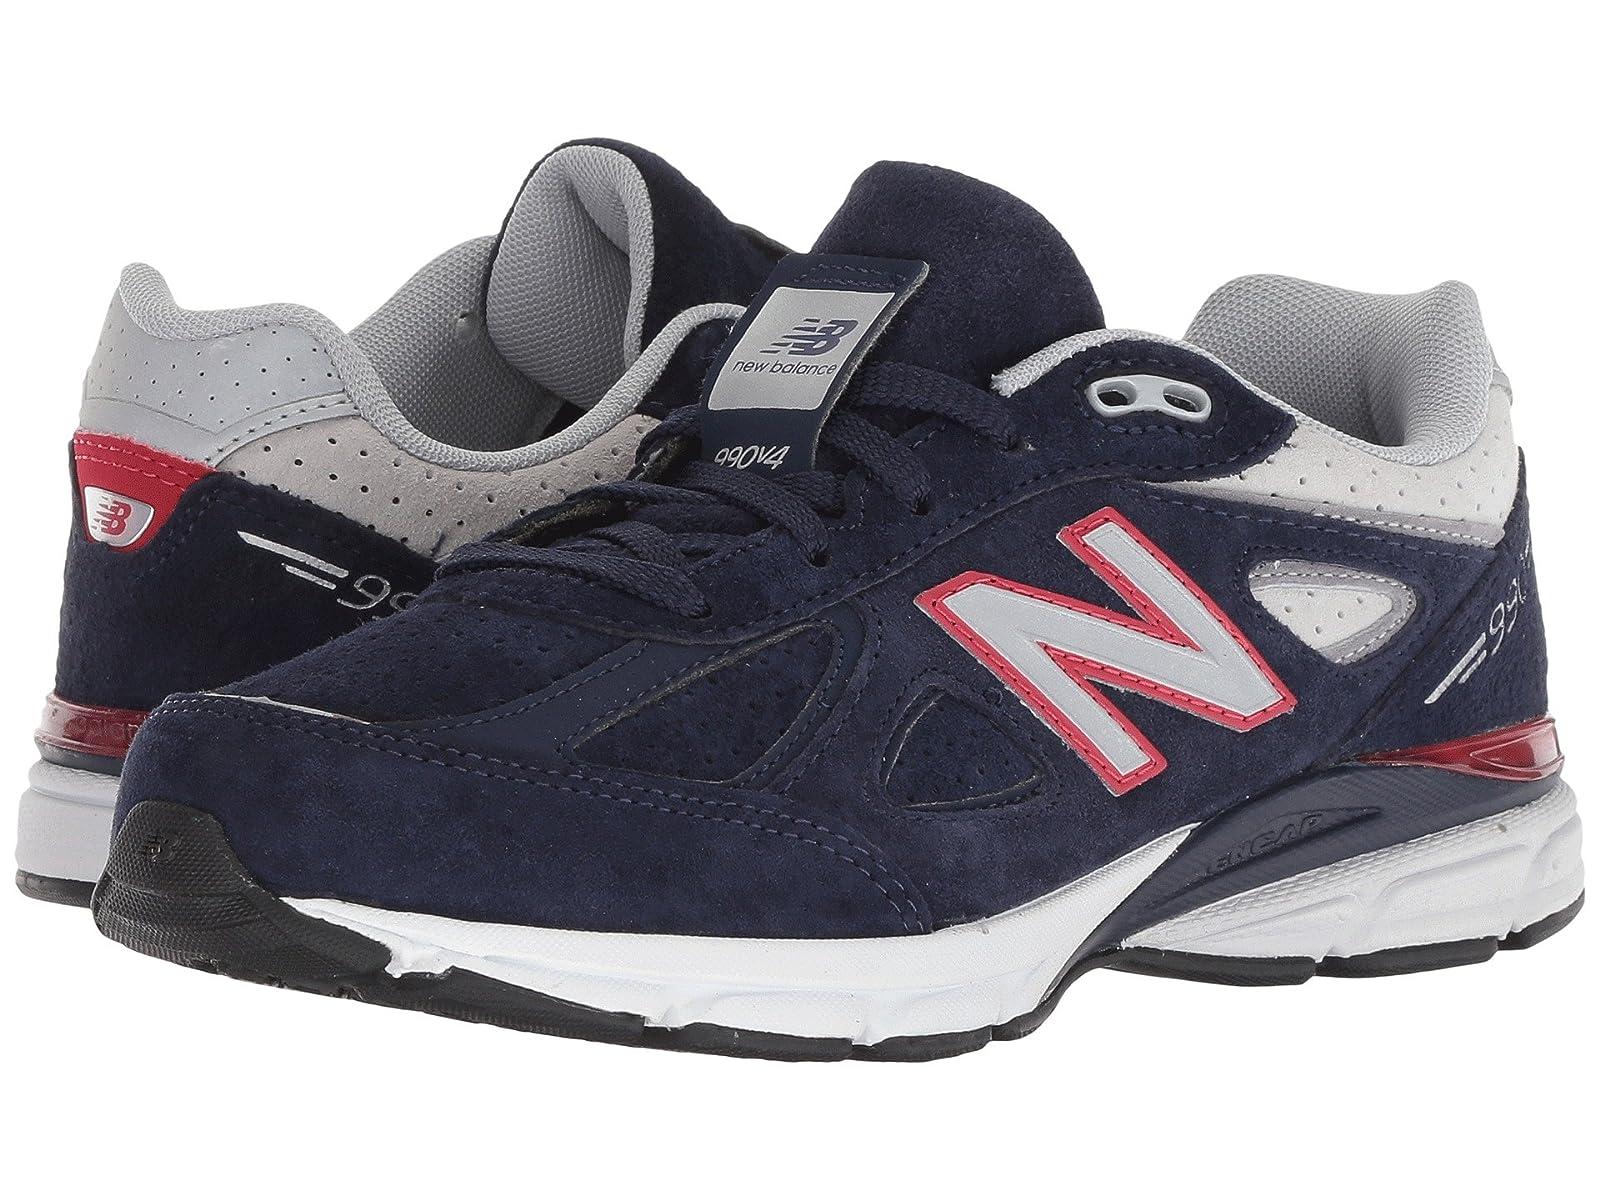 New Balance Kids KJ990v4G (Big Kid)Atmospheric grades have affordable shoes